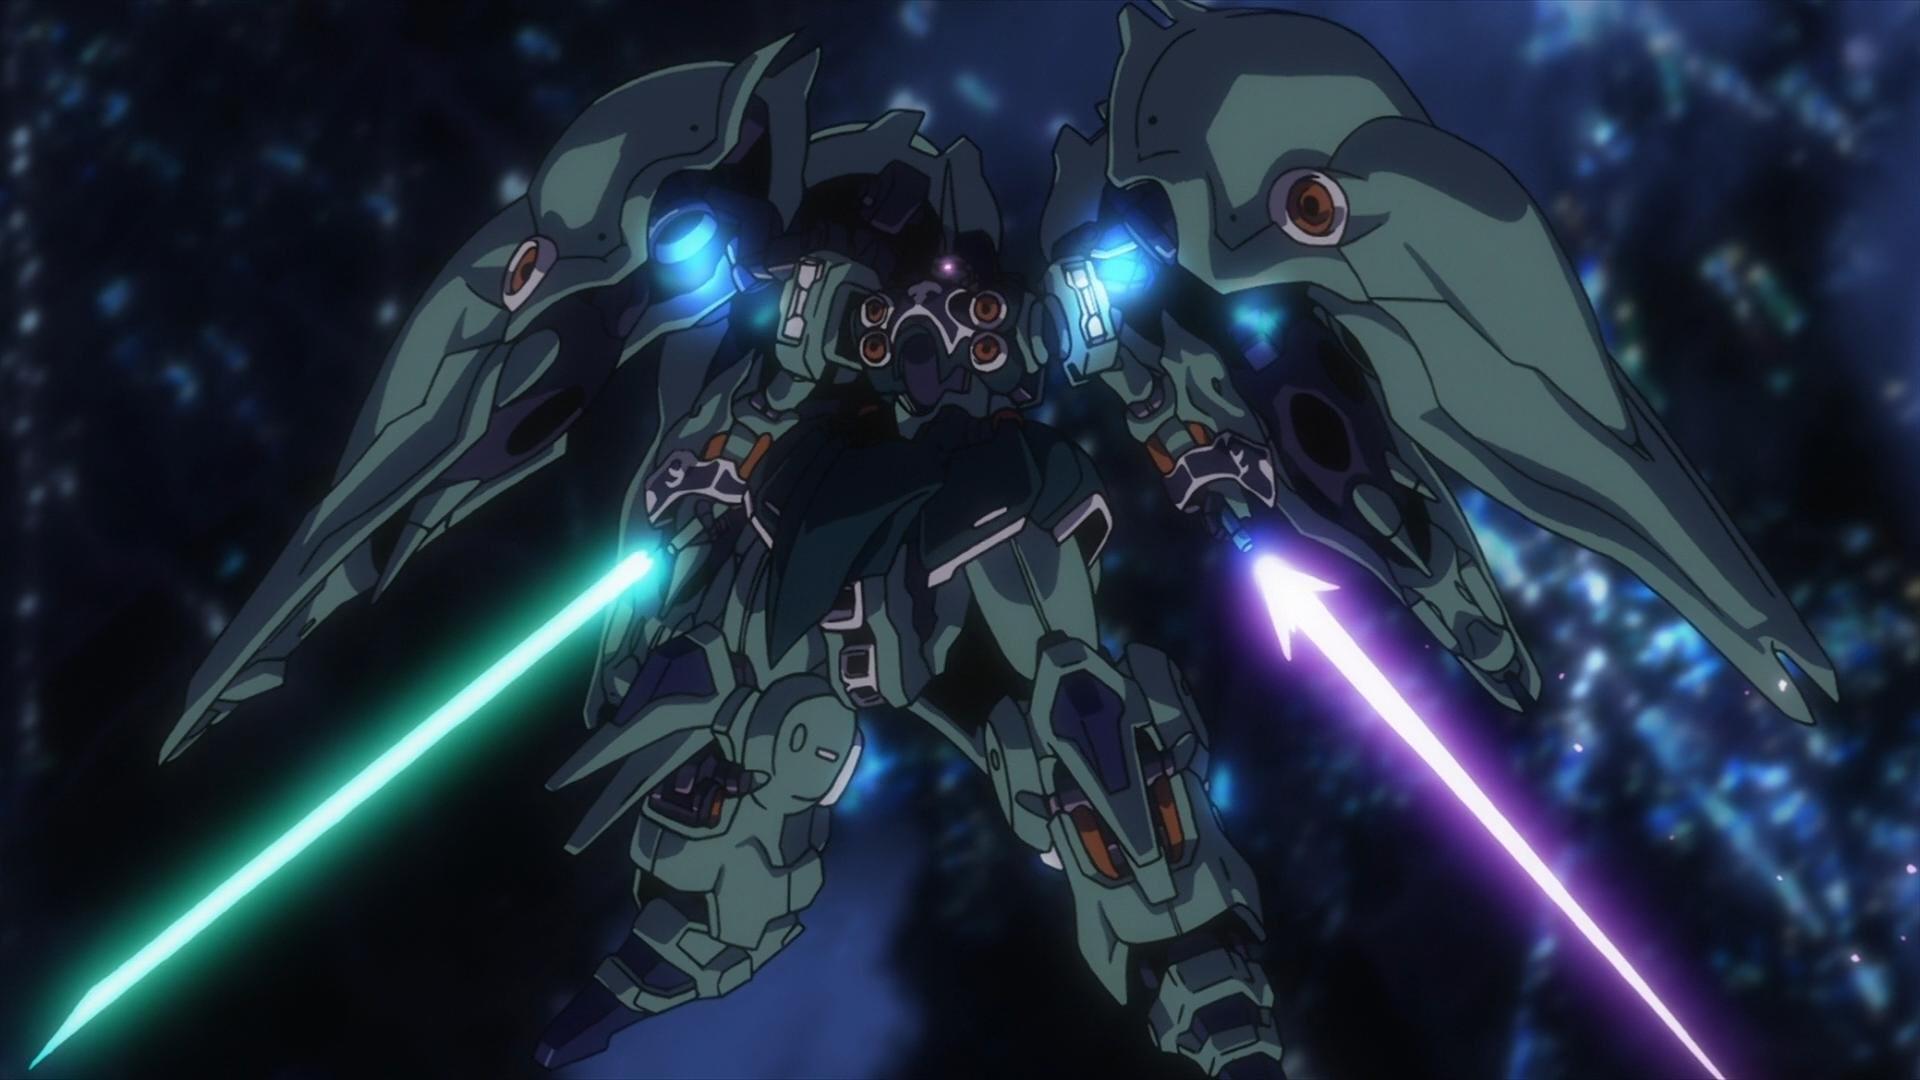 Kshatriya Gundam